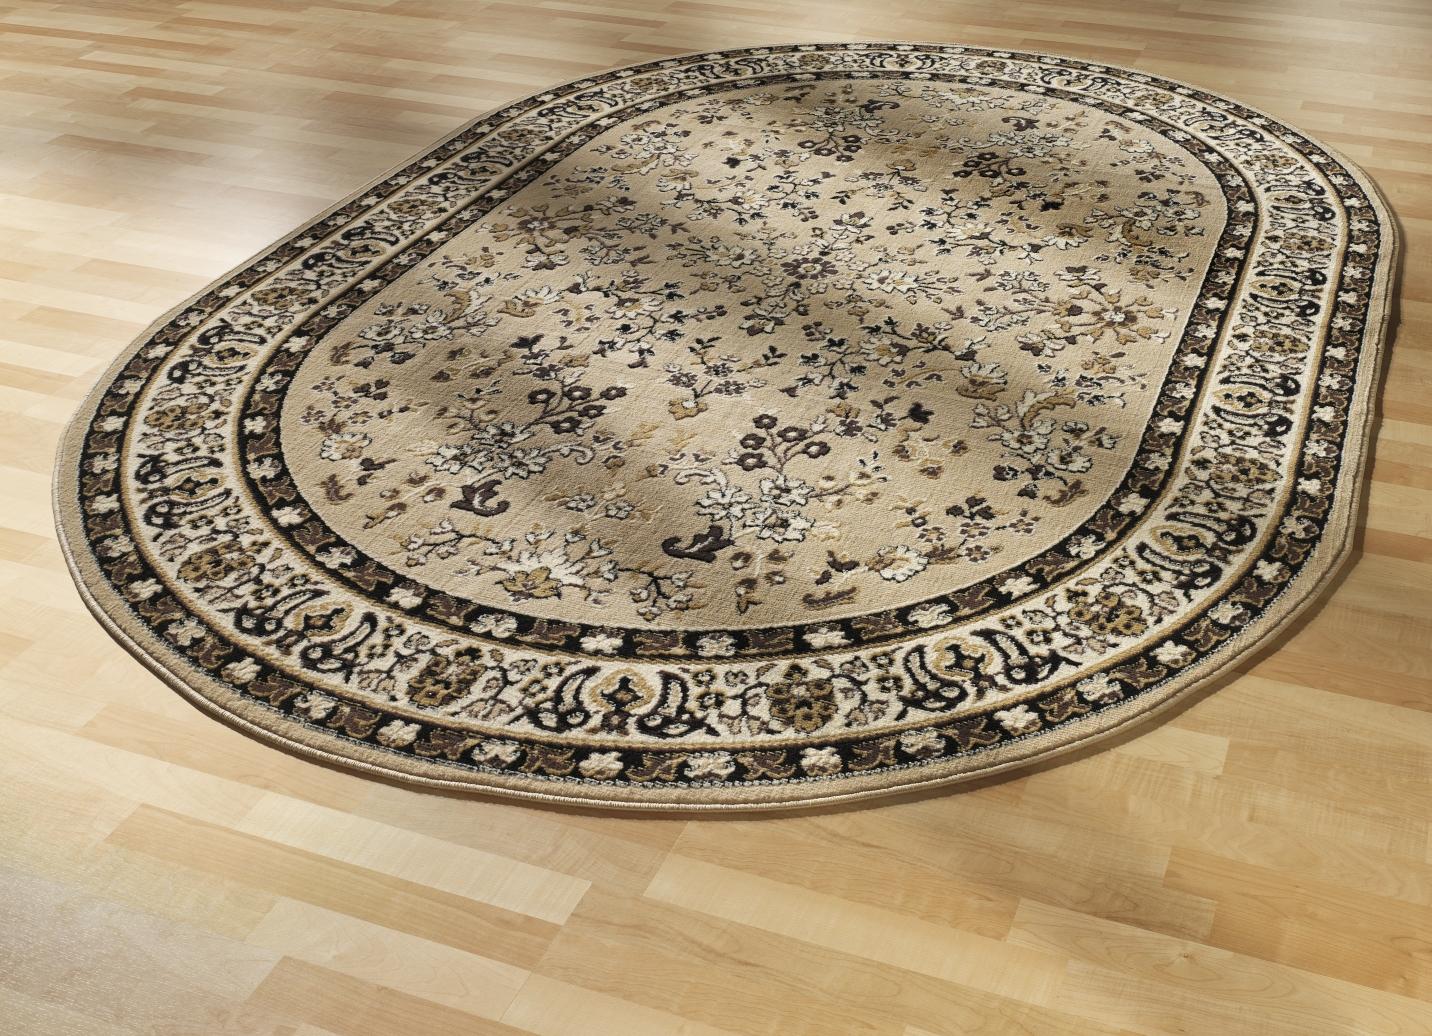 velours teppiche und br cken in verschiedenen farben teppiche brigitte st gallen. Black Bedroom Furniture Sets. Home Design Ideas